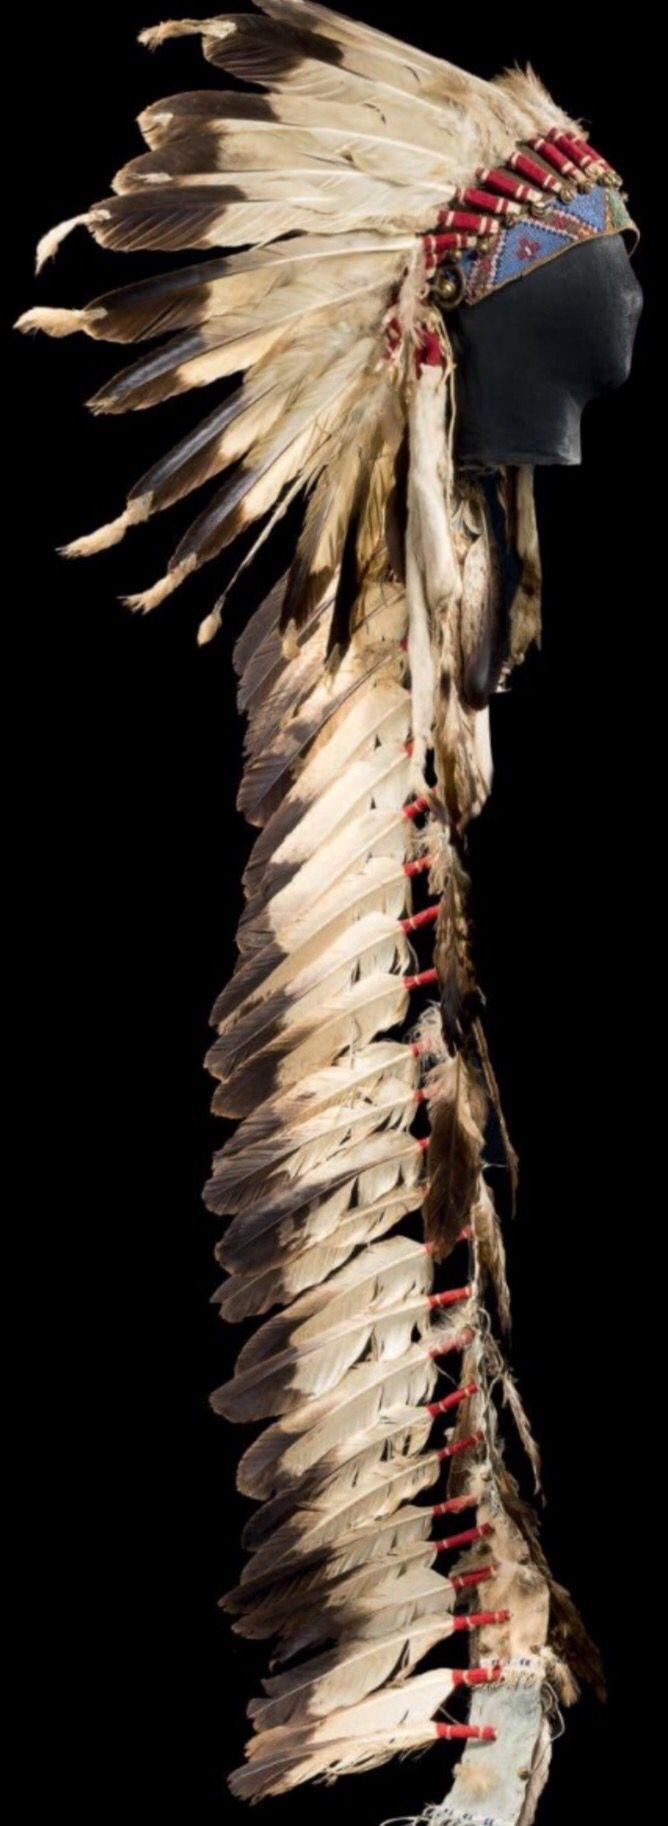 Головной убор, Кроу. Период 1890. Орлиные перья, мех горностая, кожа, бисер цвет голубой, темно-синий, зеленый, желтый, белый, красный, бубенцы, ткань. Высота: около 43 см, длина со шлейфом: около 166 см. Из Коллекции Mario Luraschi. Binoche et giquello. Декабрь 2013.